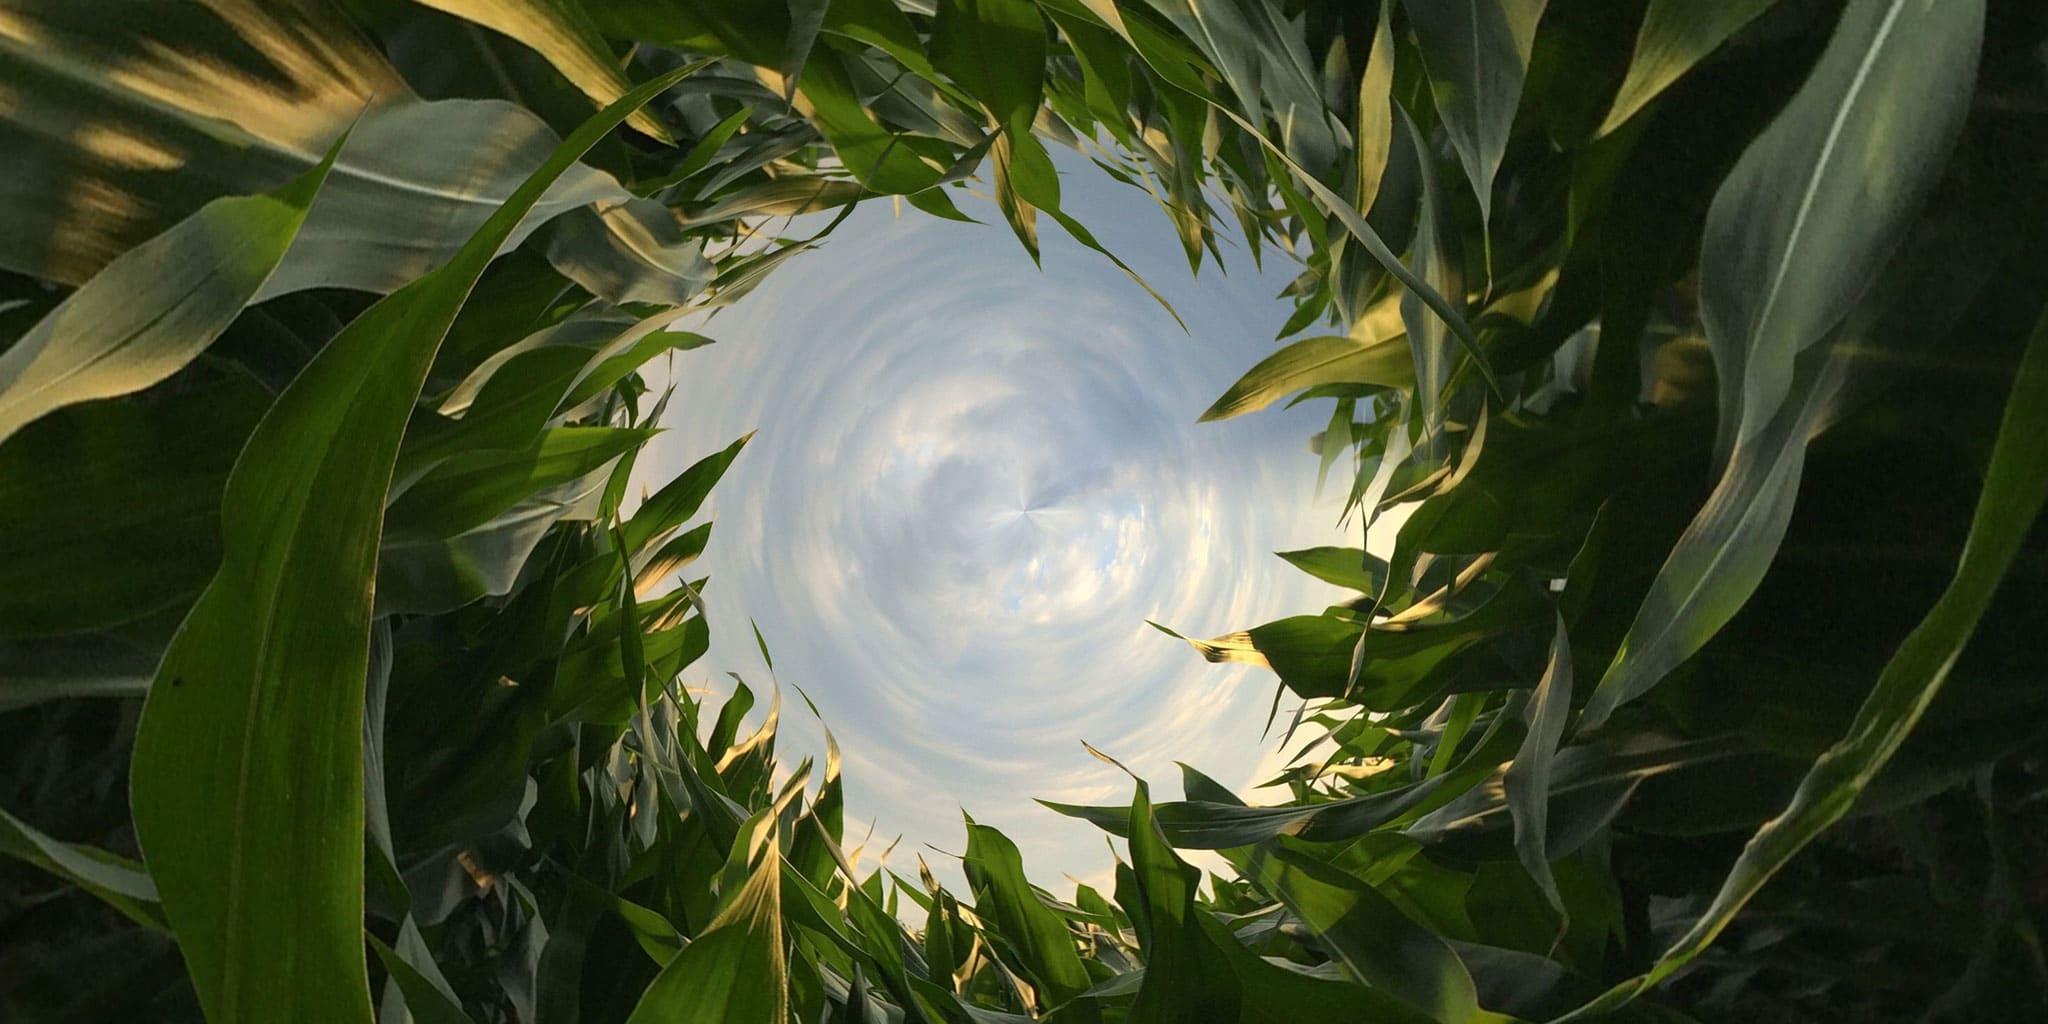 Fokus-Milieu-groene planten met een stukje lucht